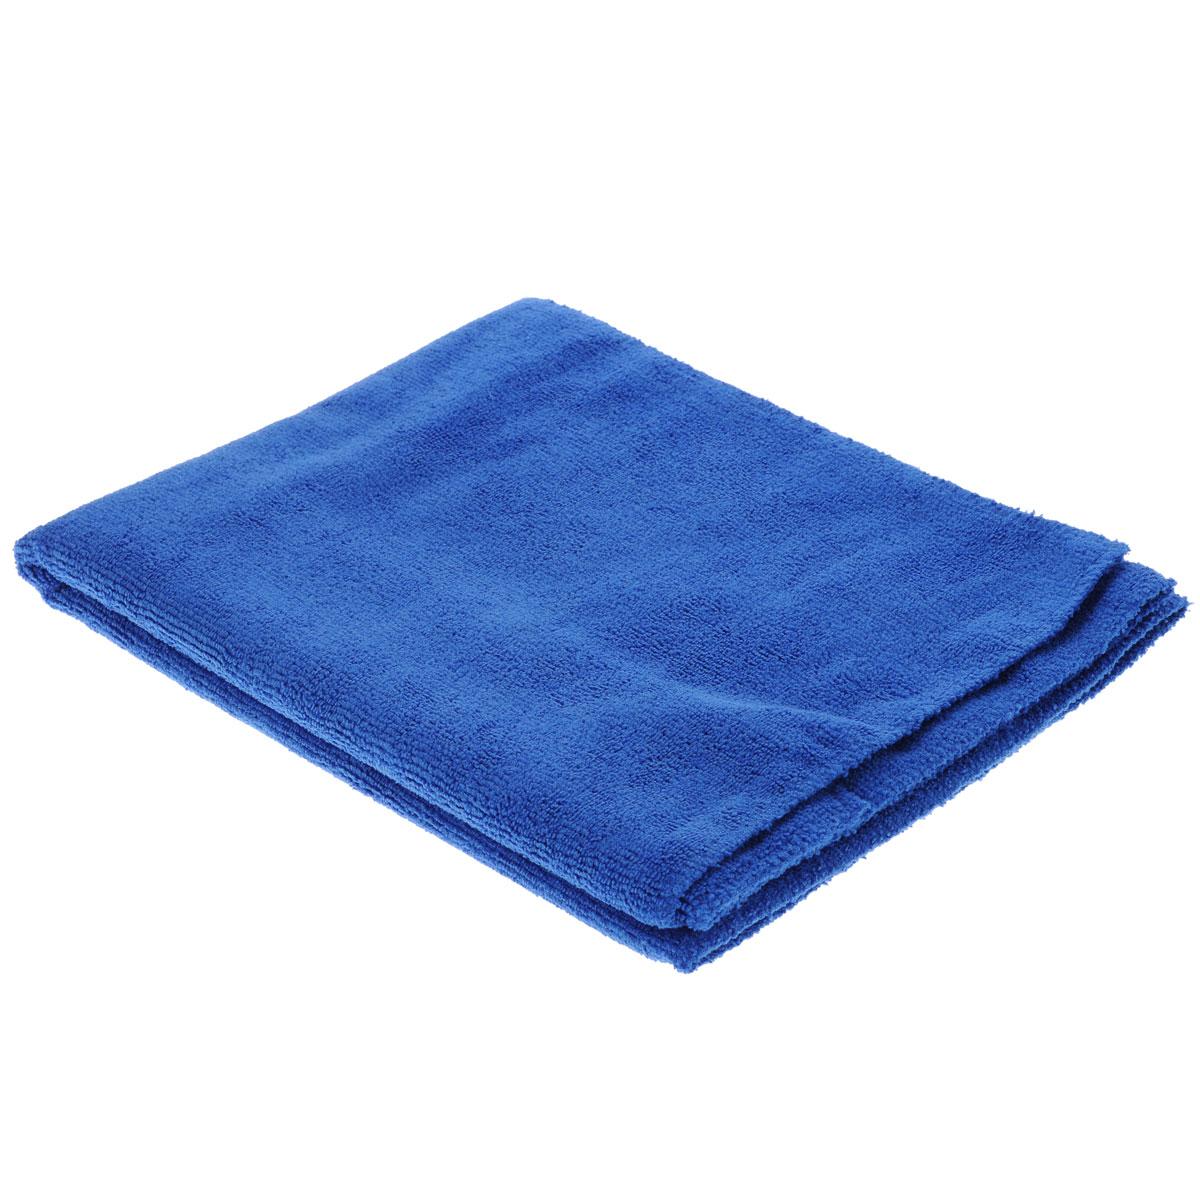 Тряпка для пола Eva, цвет: синий, 75 х 60 смЕ7301Тряпка для пола Eva выполнена из микрофибры. Благодаря микроструктуре волокон она проникает в поры материалов и удалять загрязнения без применения химических средств. Тряпка удерживает влагу, не оставляет разводов и ворса. Размер: 75 см х 60 см.